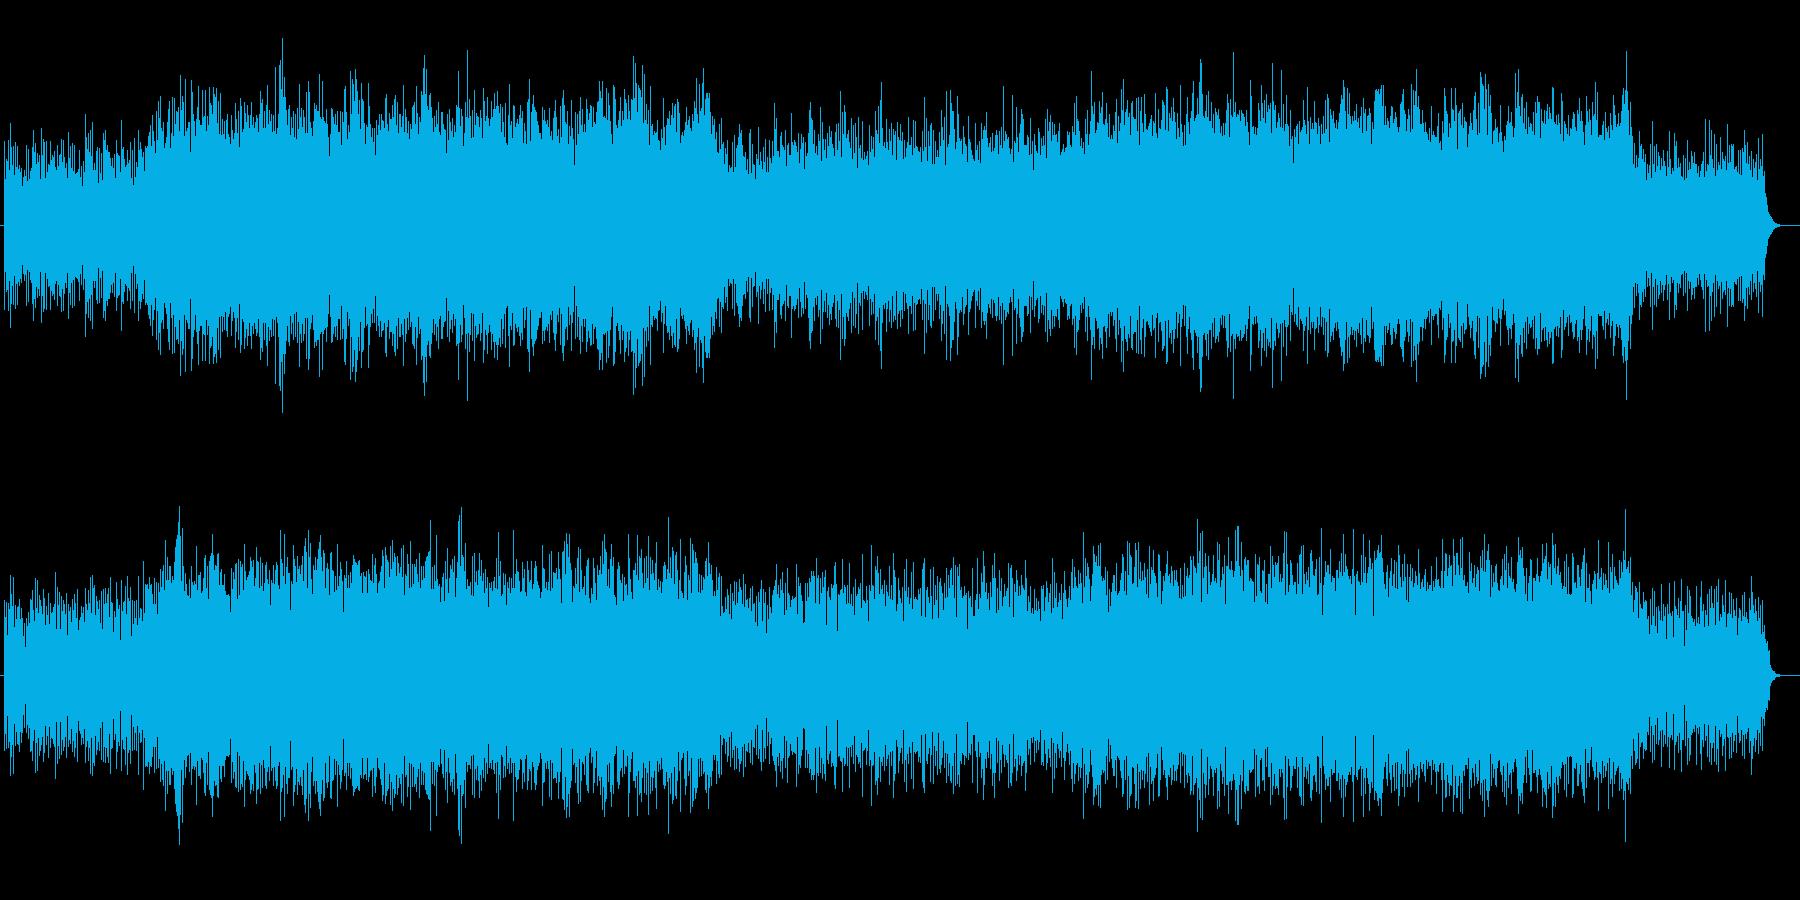 神秘的古代風ギターシンセサウンドの再生済みの波形